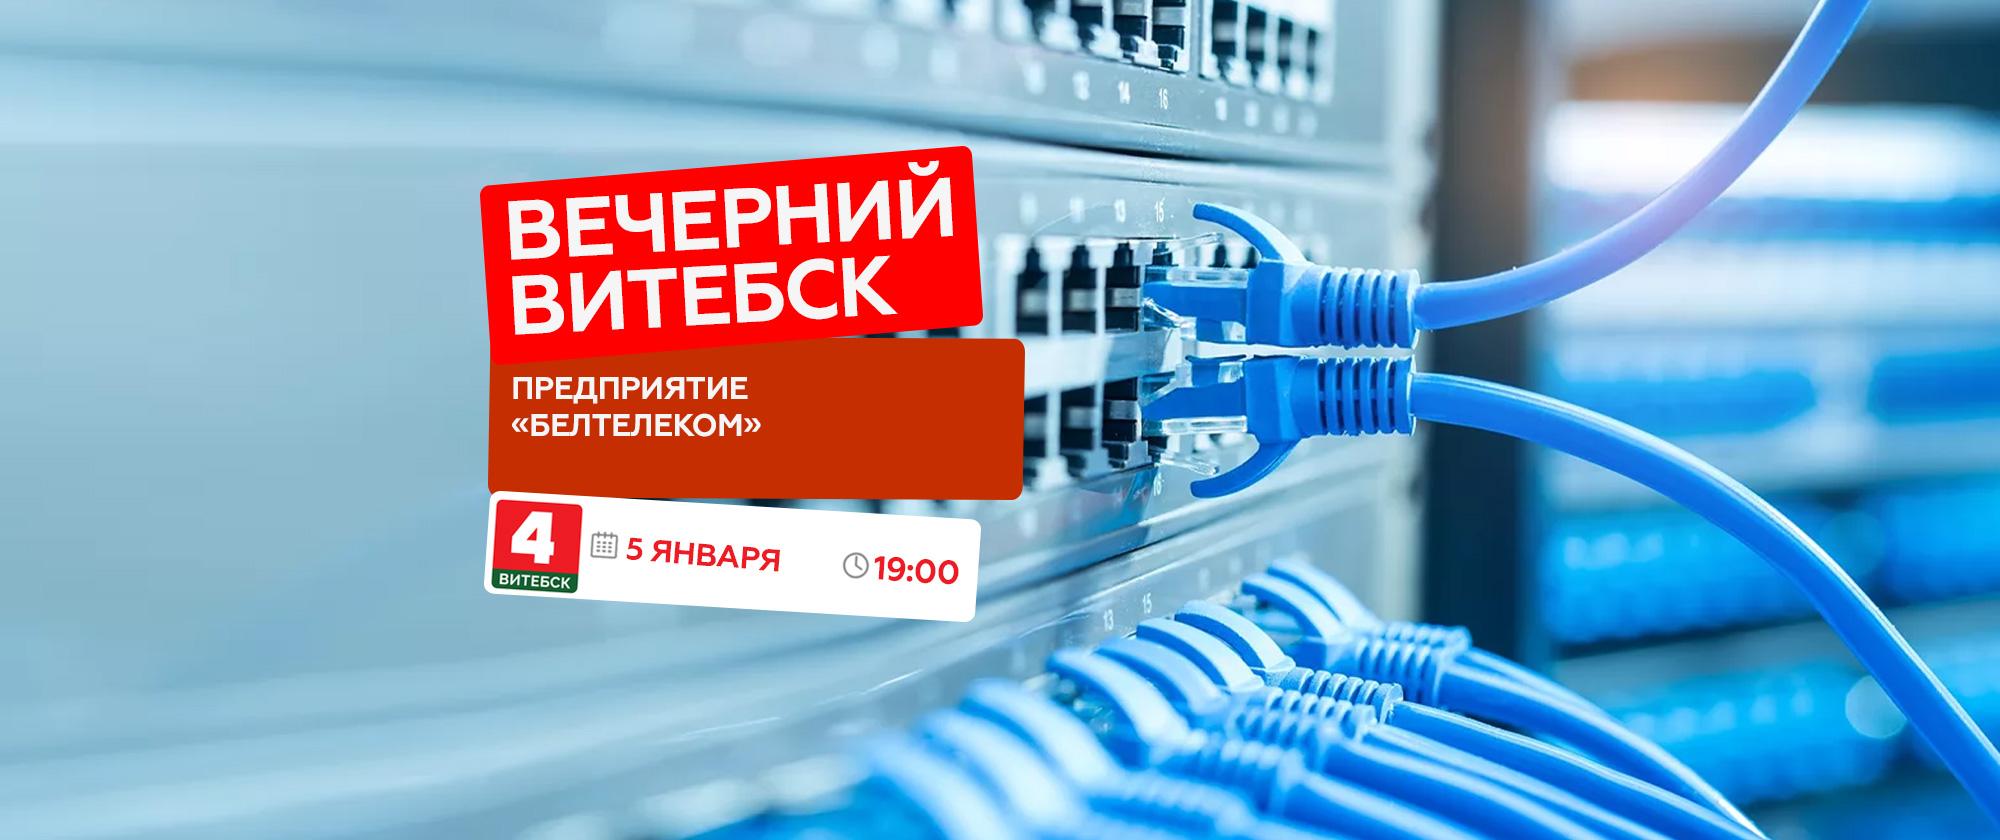 vechernij vitebsk 5 janvarja - Вечерний-Витебск-5-января